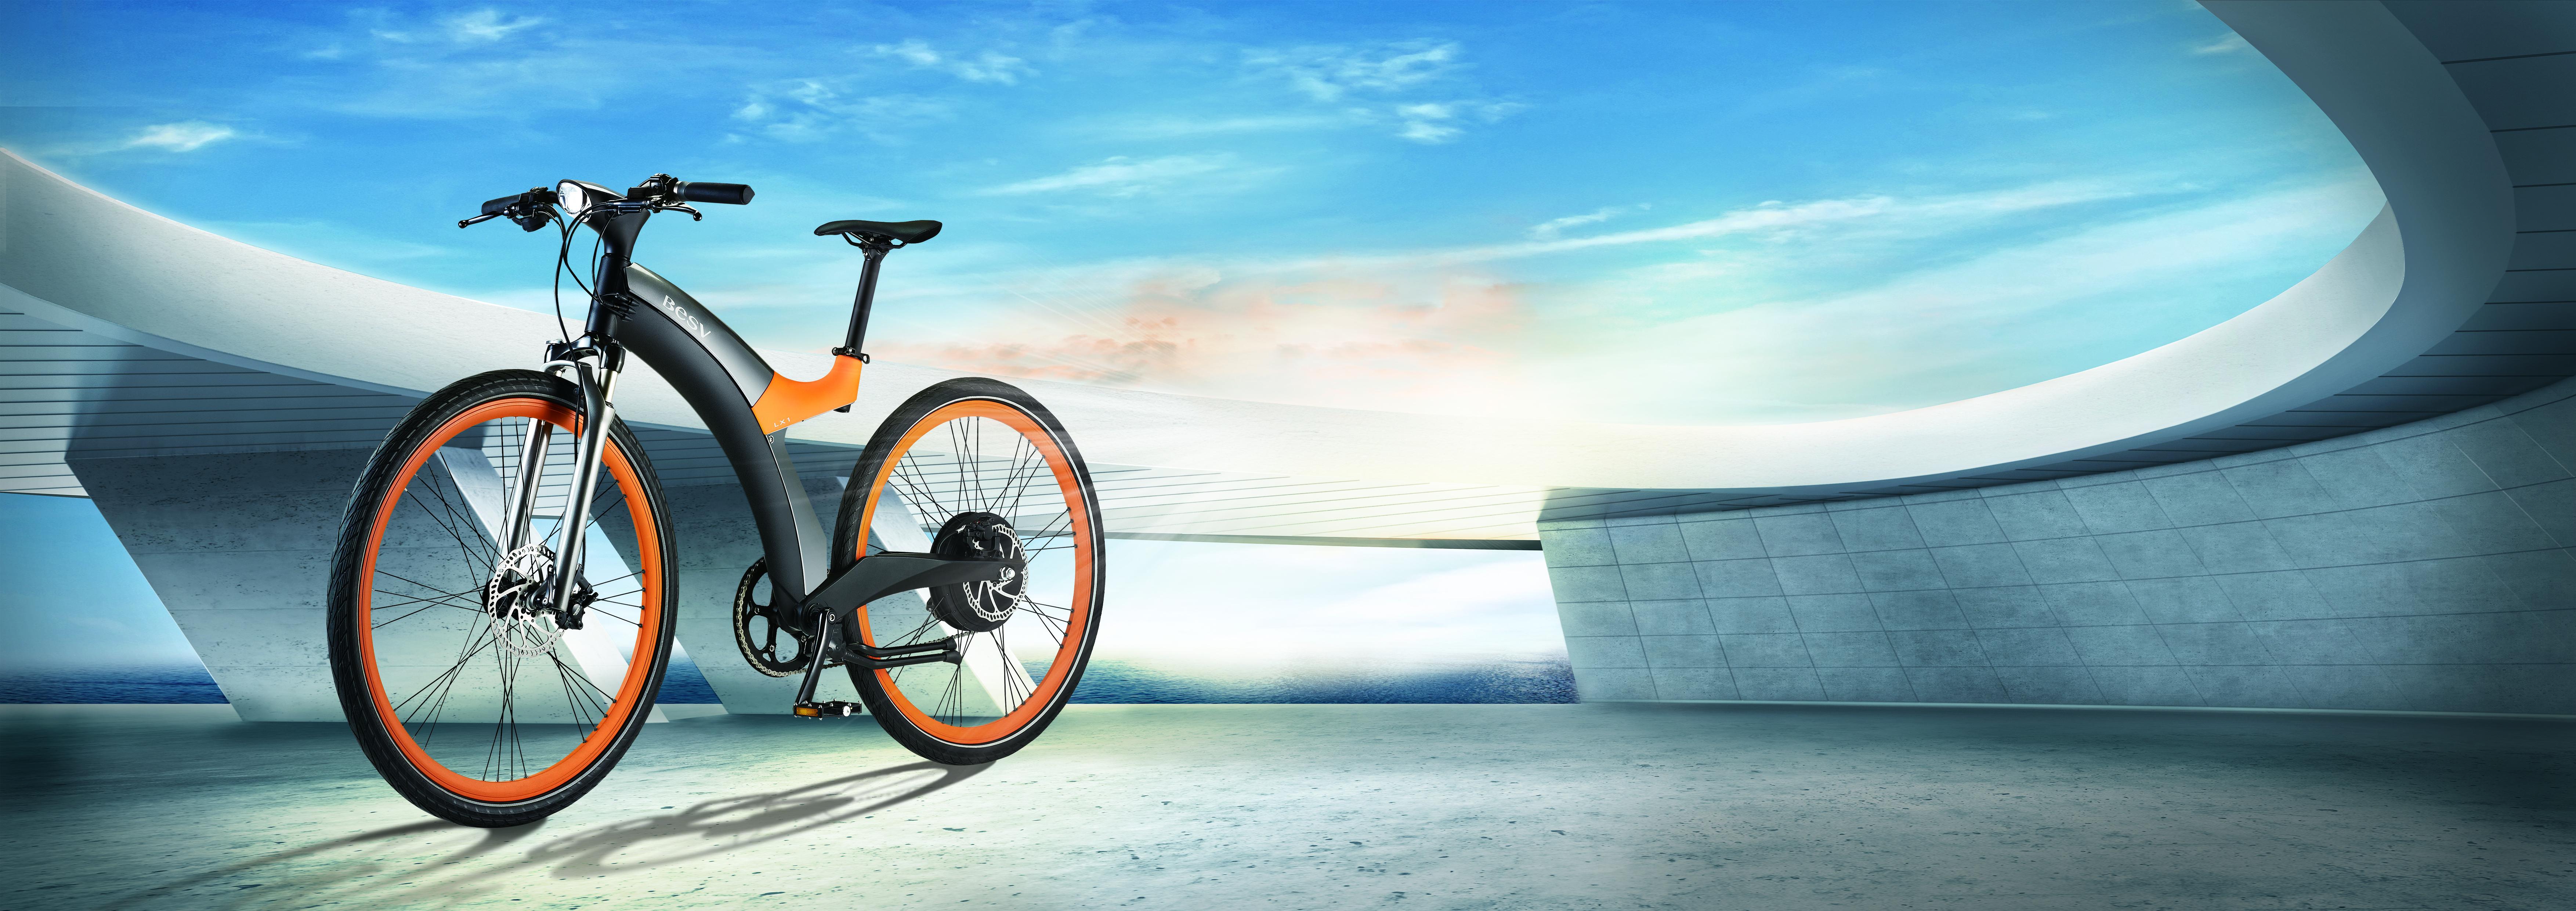 LX1 E Bike